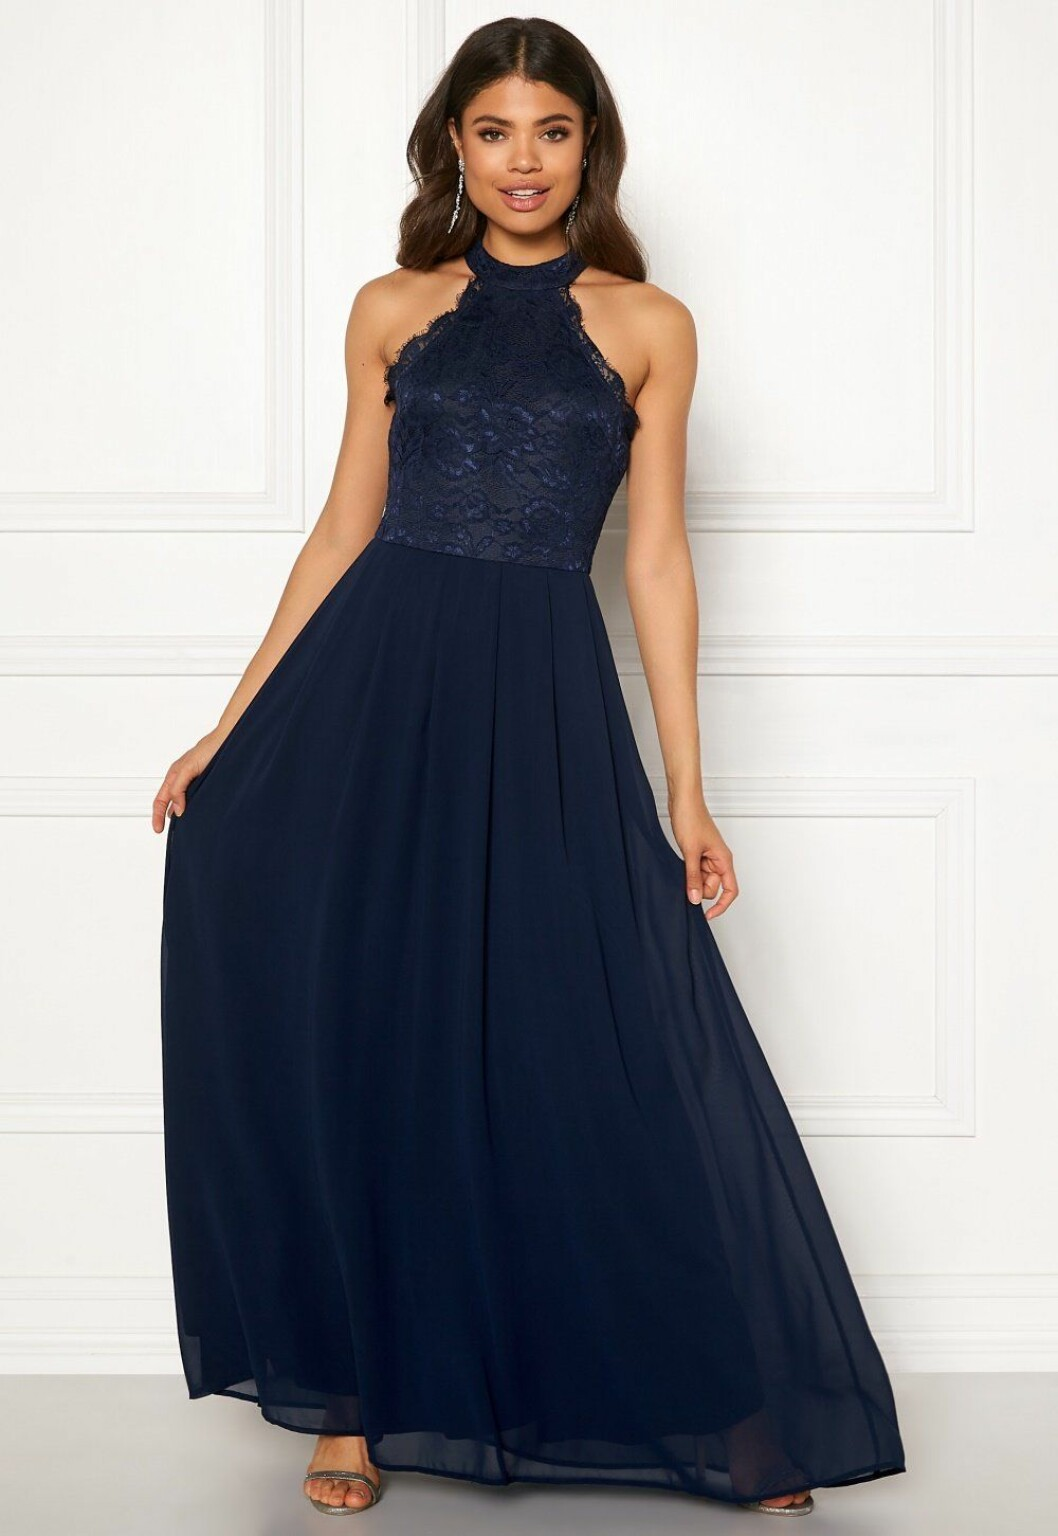 Blå långklänning med spets till brudtärnan 2020